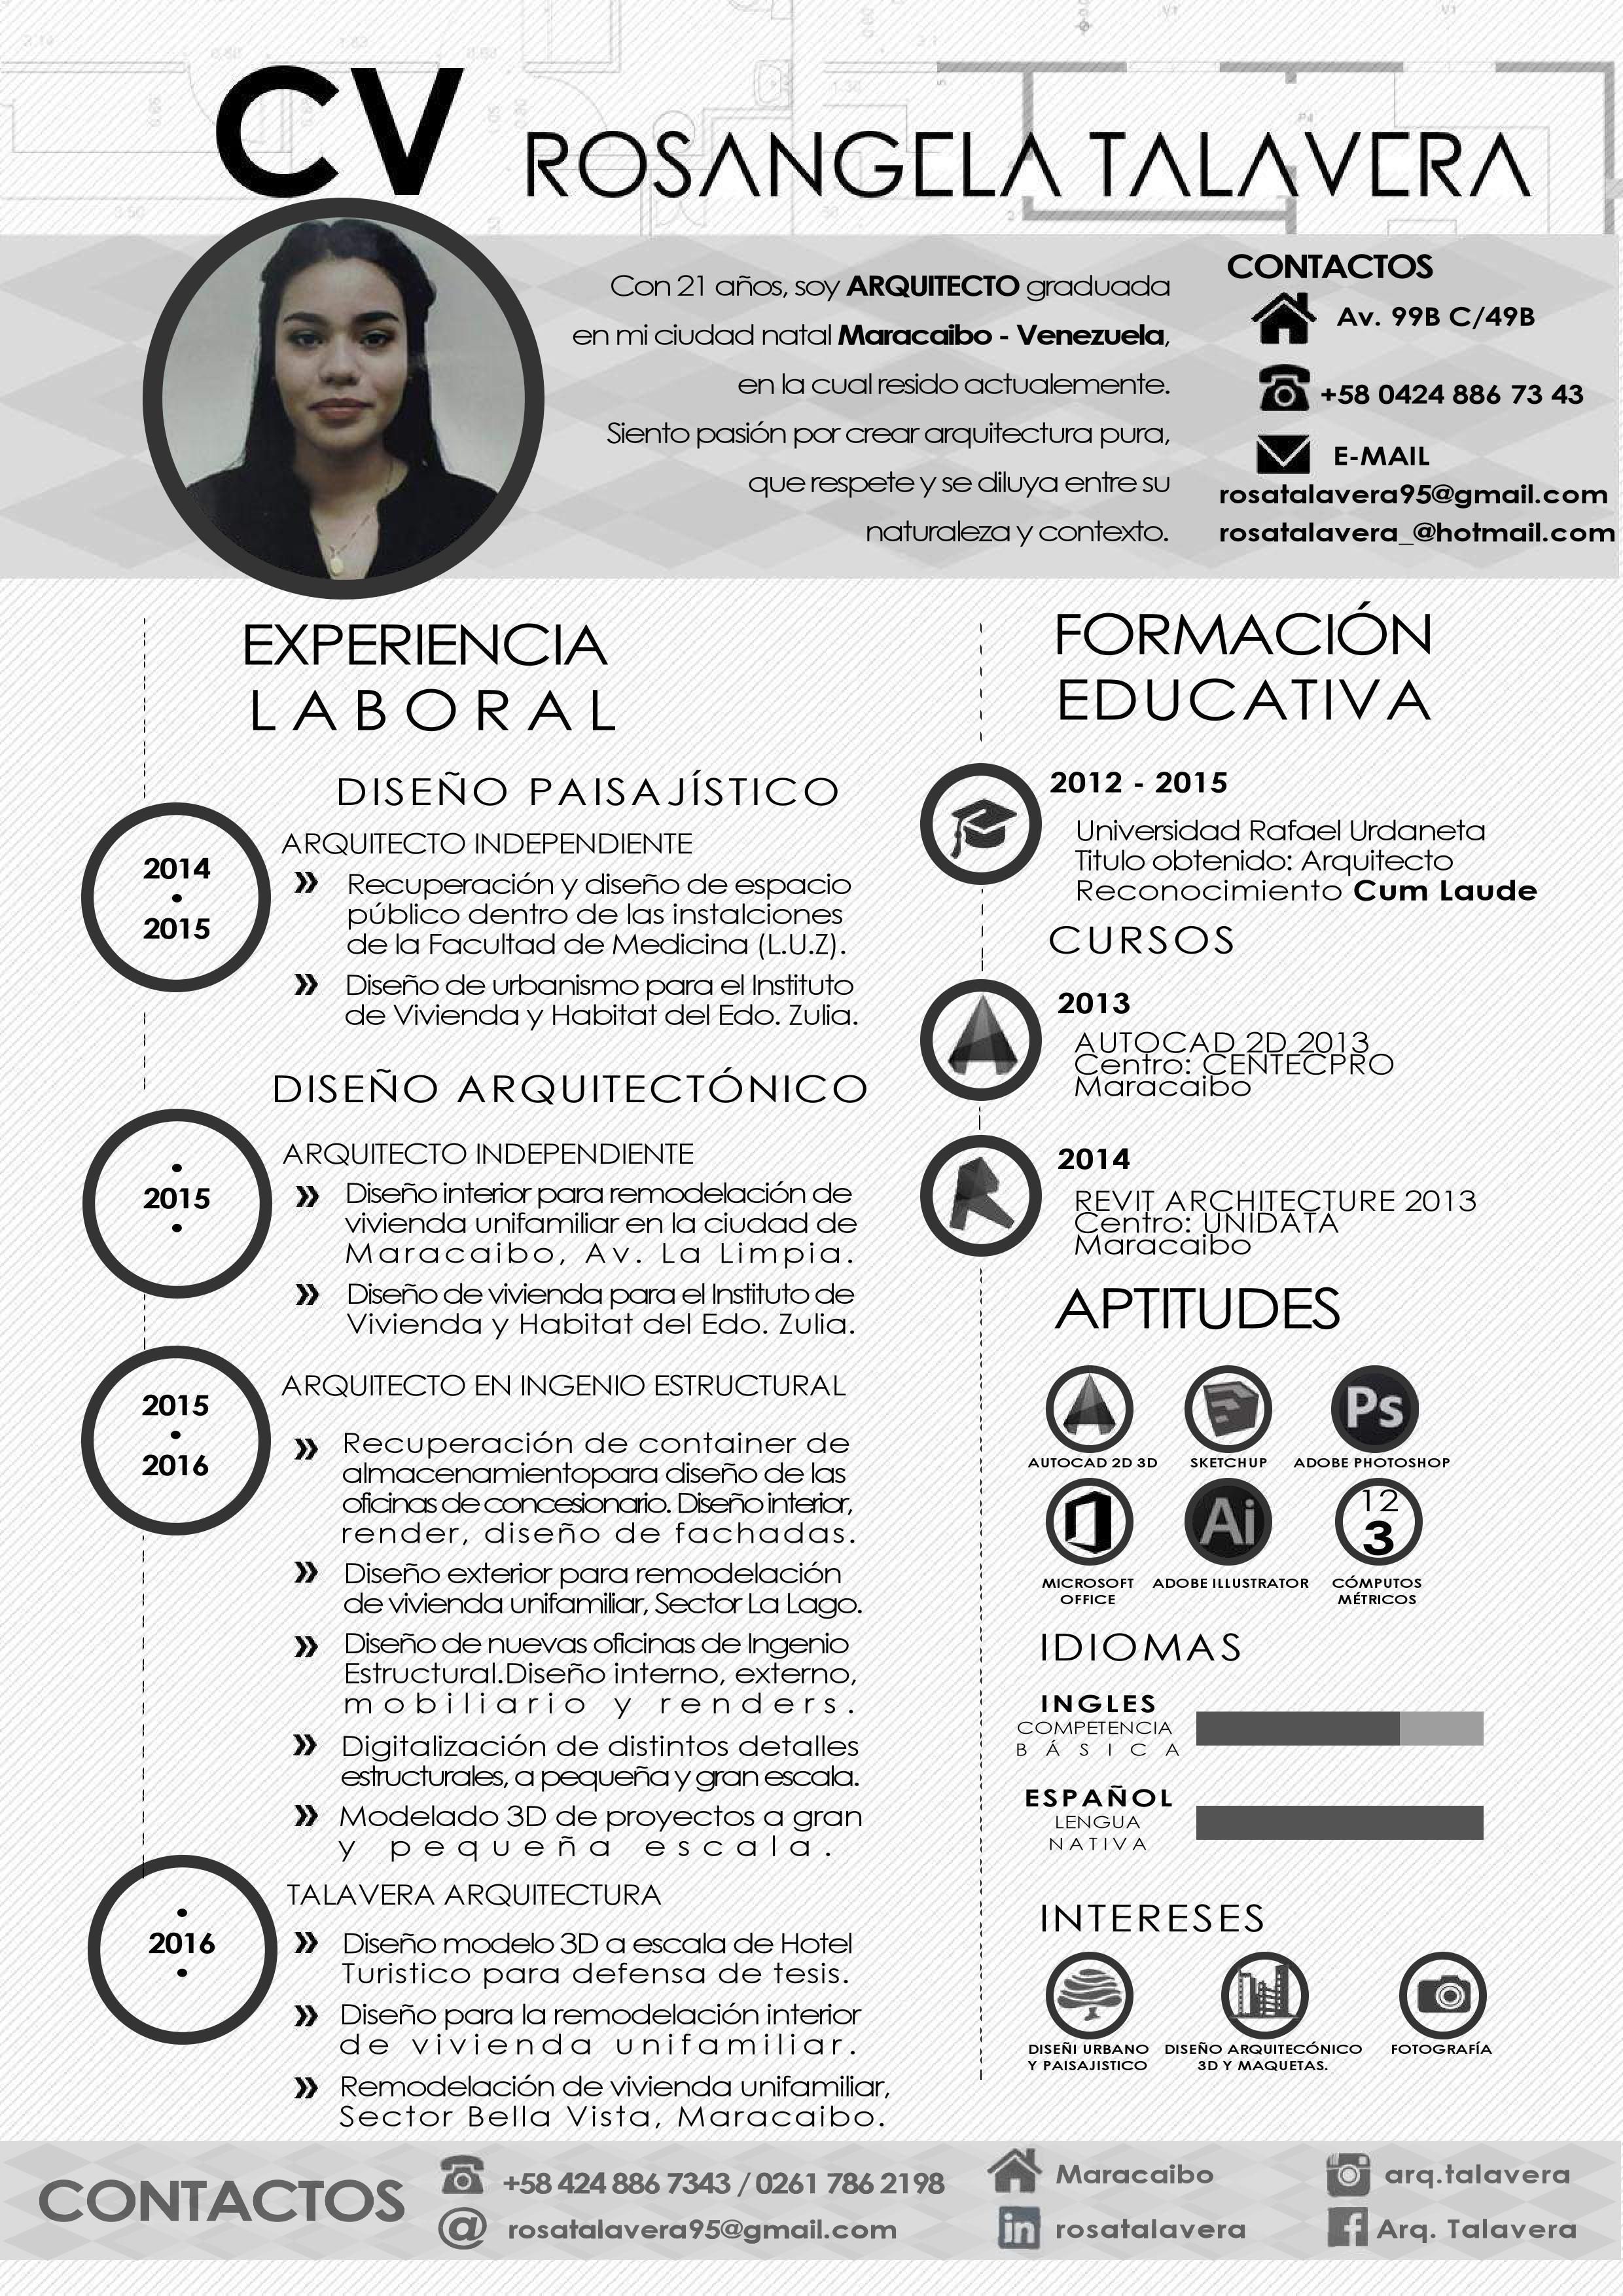 Arquitecto Curriculum Vitae Version Espanol Venezuela Architect Curriculum V Disenos De Curriculum Vitae Curriculum Vitae Curriculum Creativo Plantilla